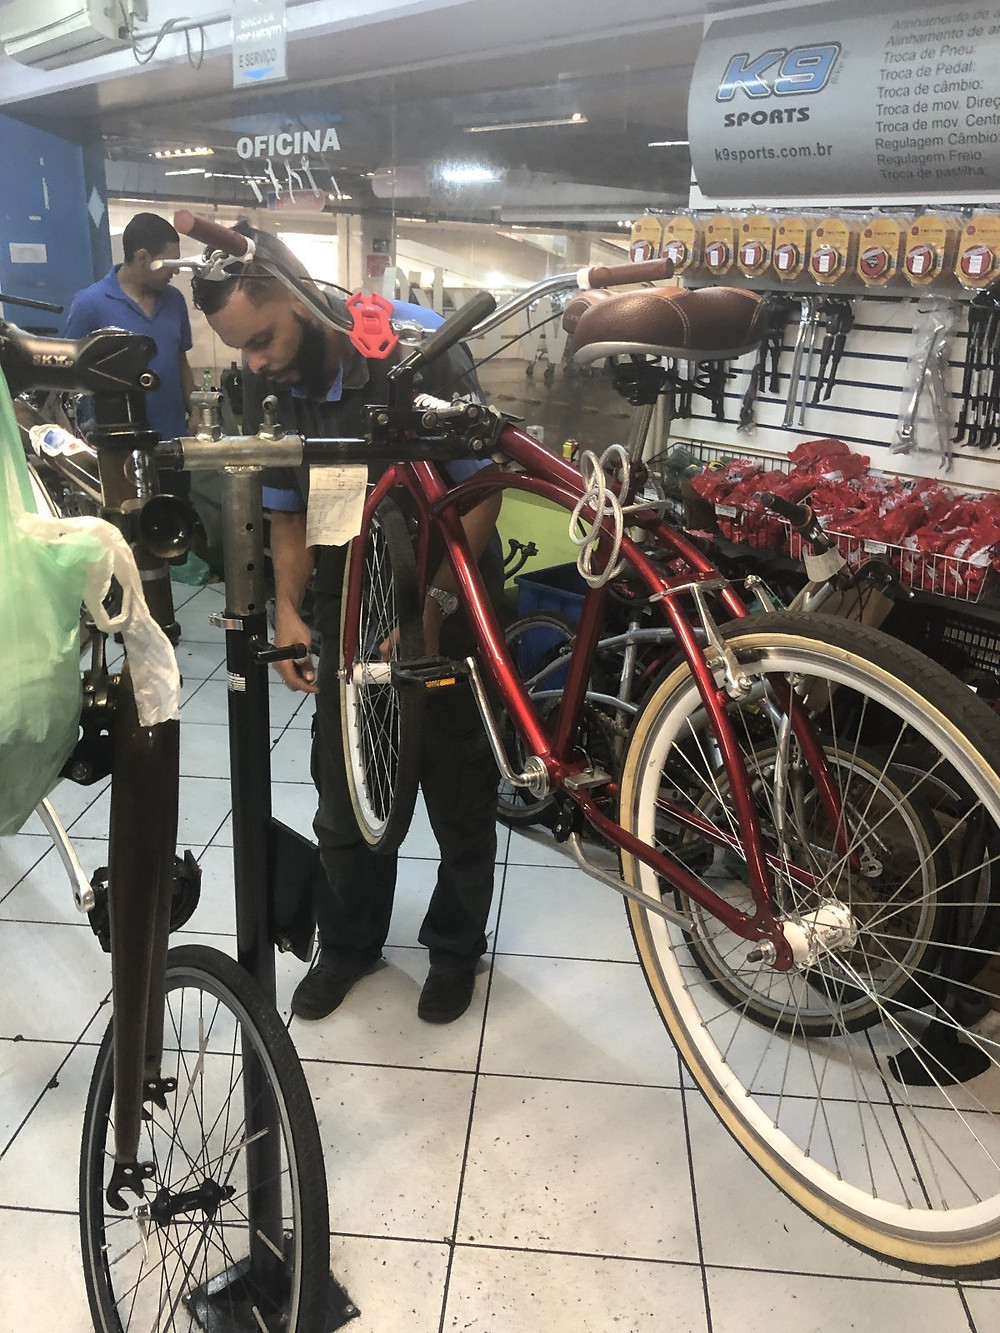 consertando as bikes na oficina